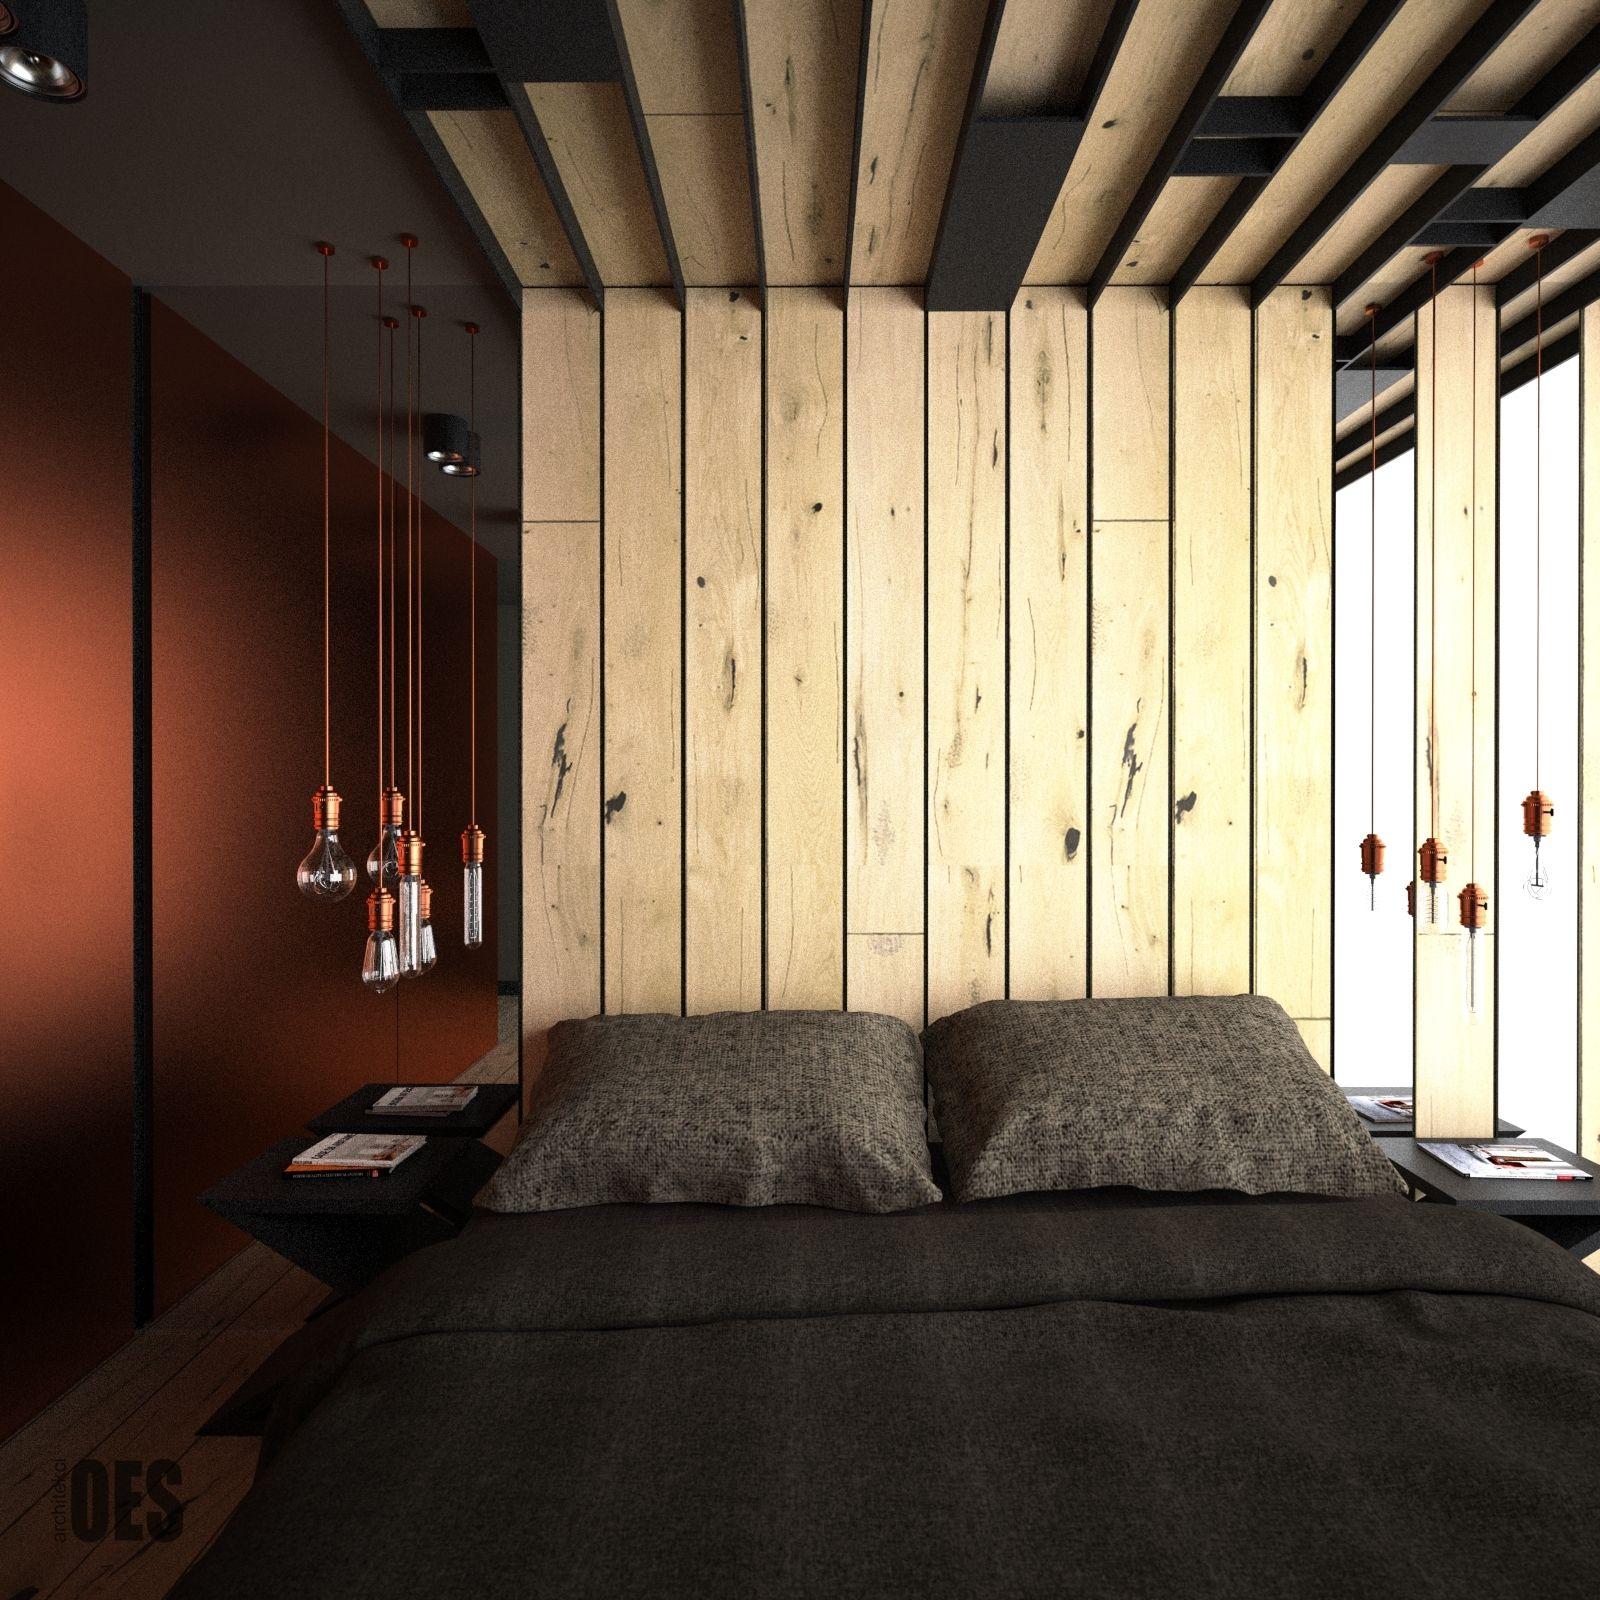 Drewniane Panele Na Suficie I ścianie Oryginalna Sypialnia